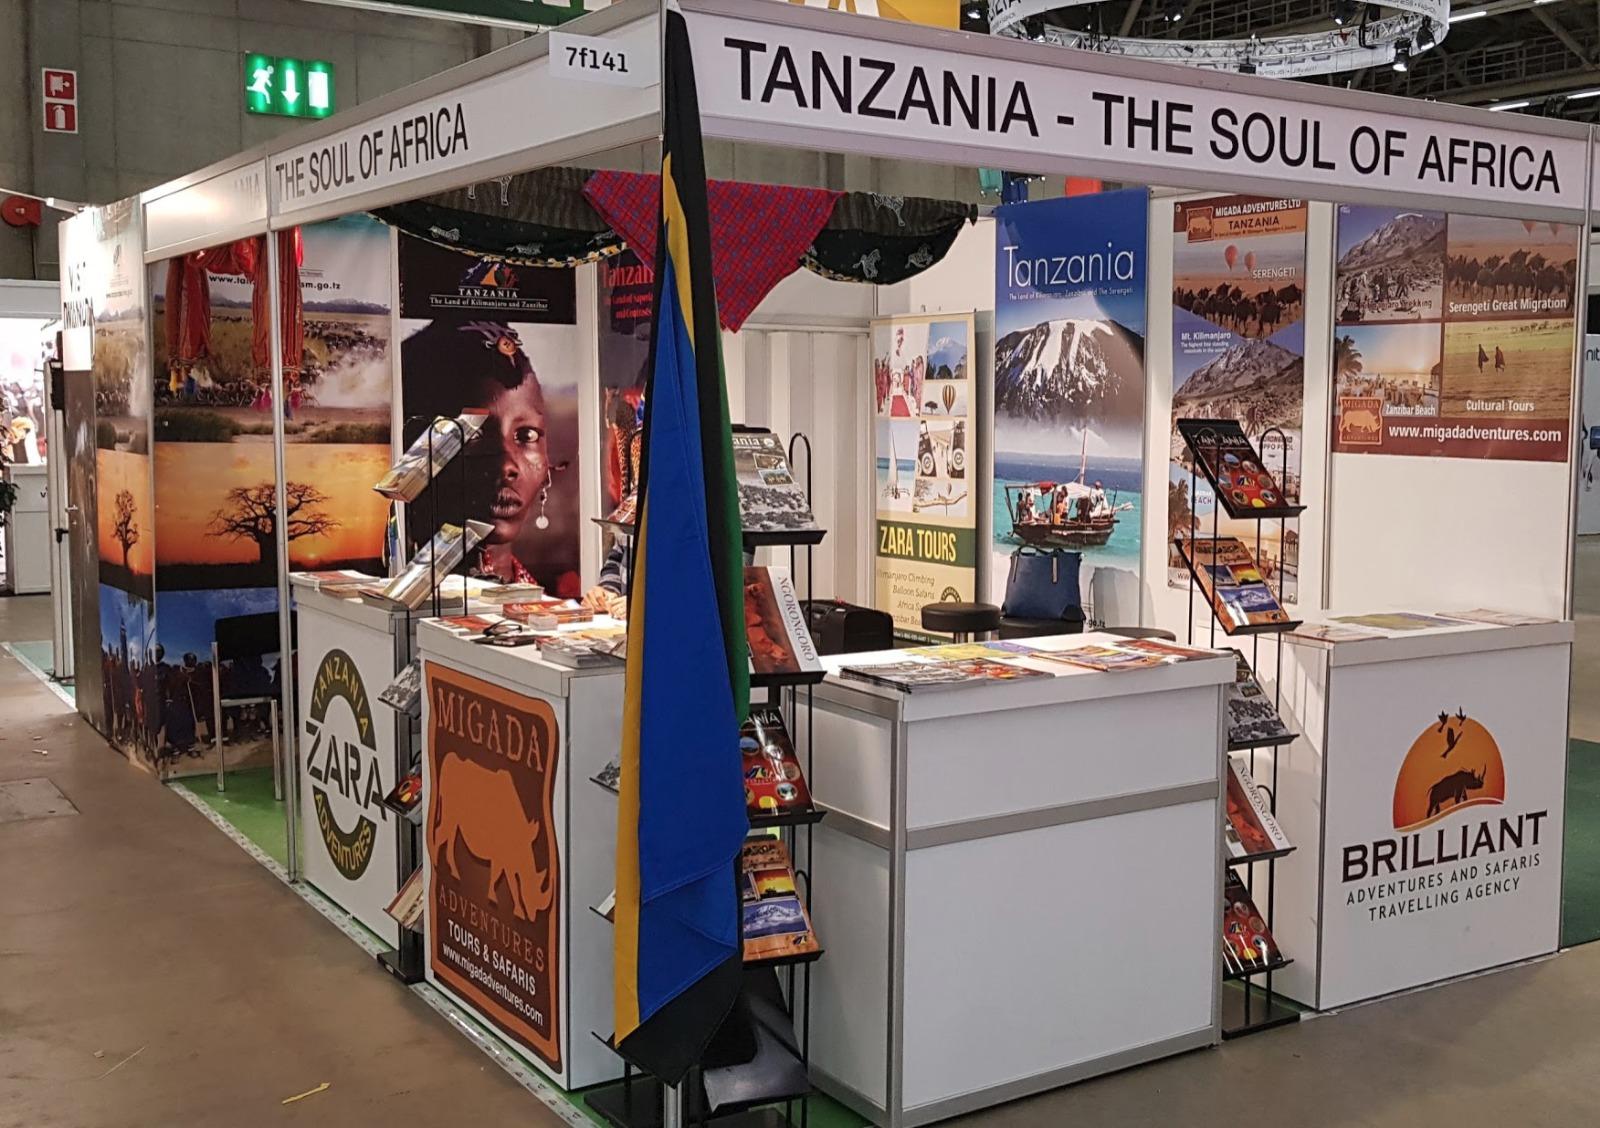 7F141 Tanzania Booth